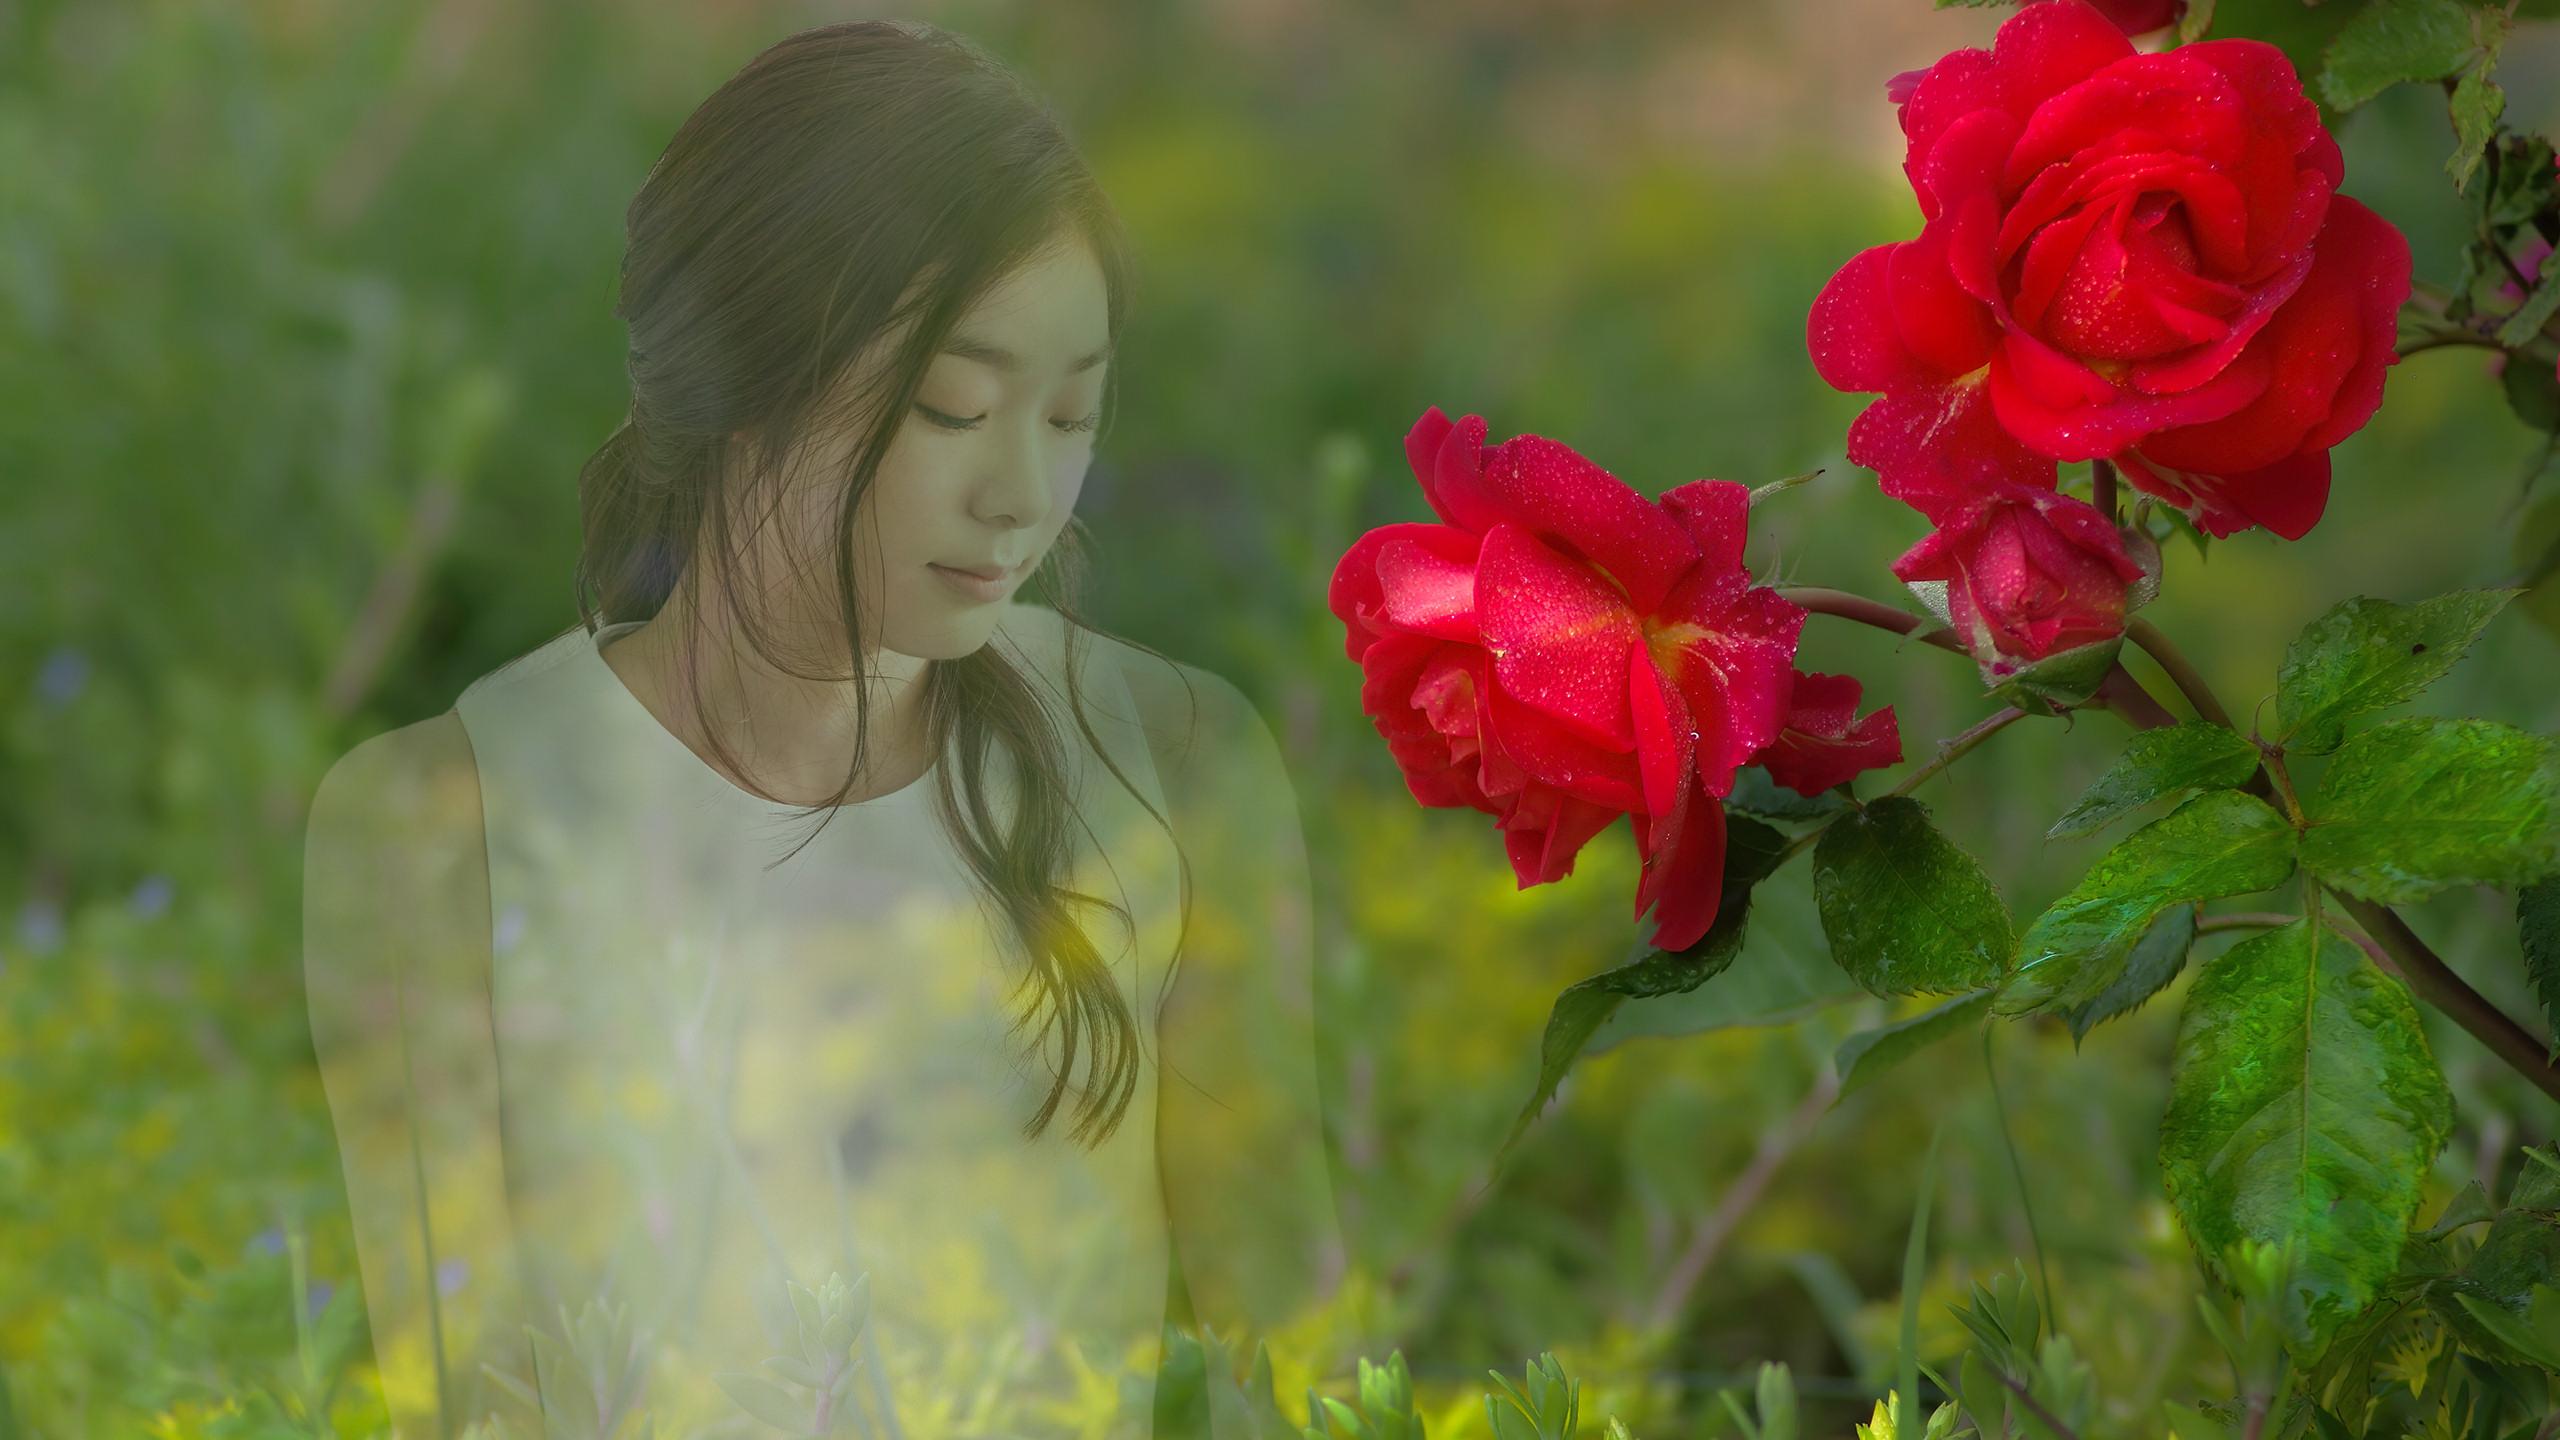 Rose_Yona_2560x1440.jpg